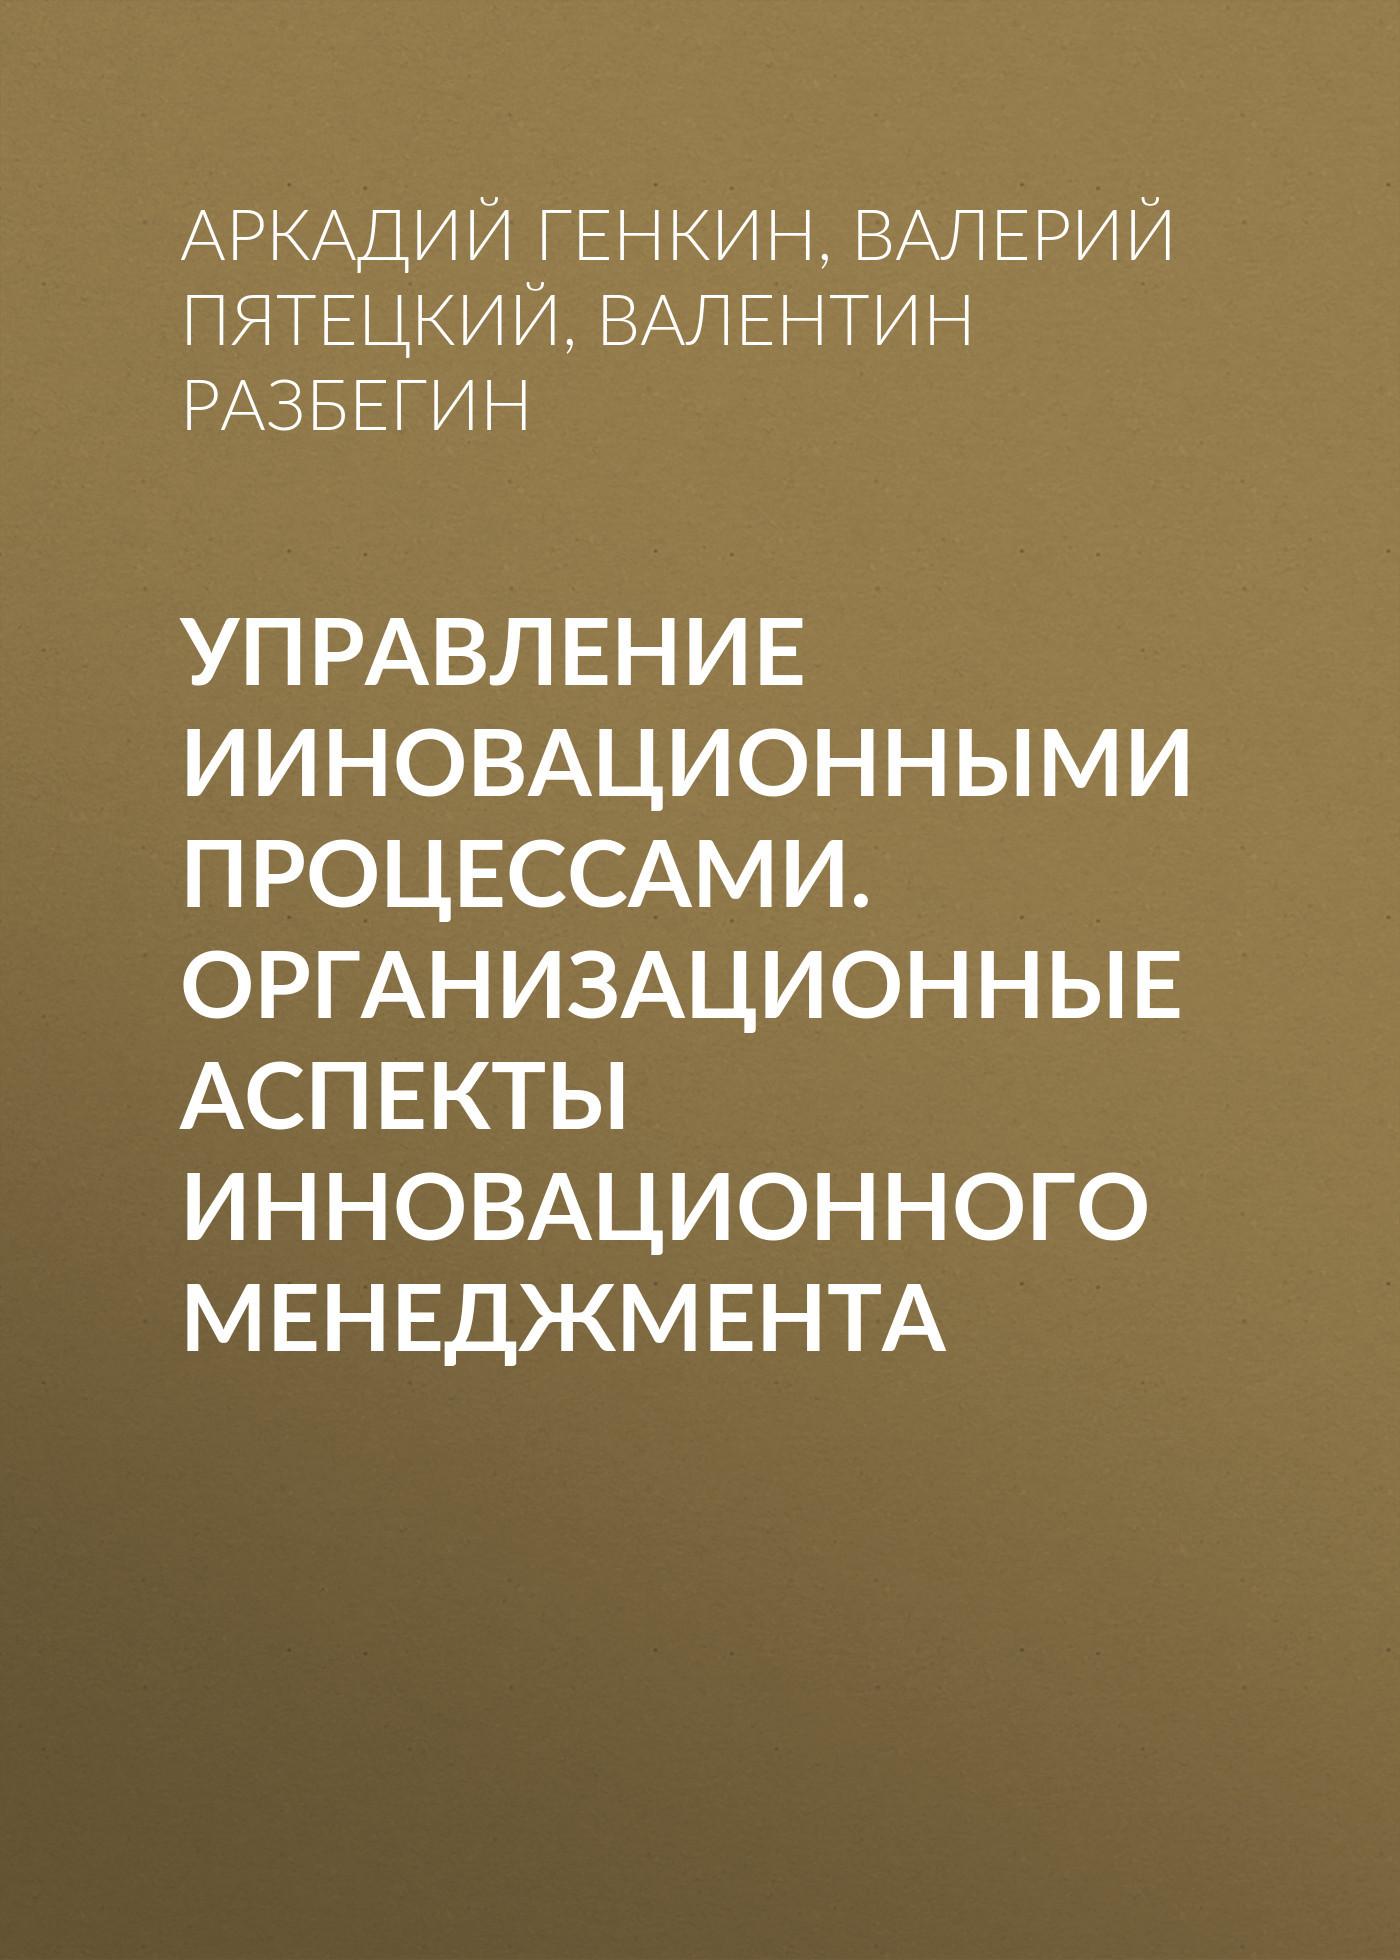 Аркадий Генкин. Управление ииновационными процессами. Организационные аспекты инновационного менеджмента